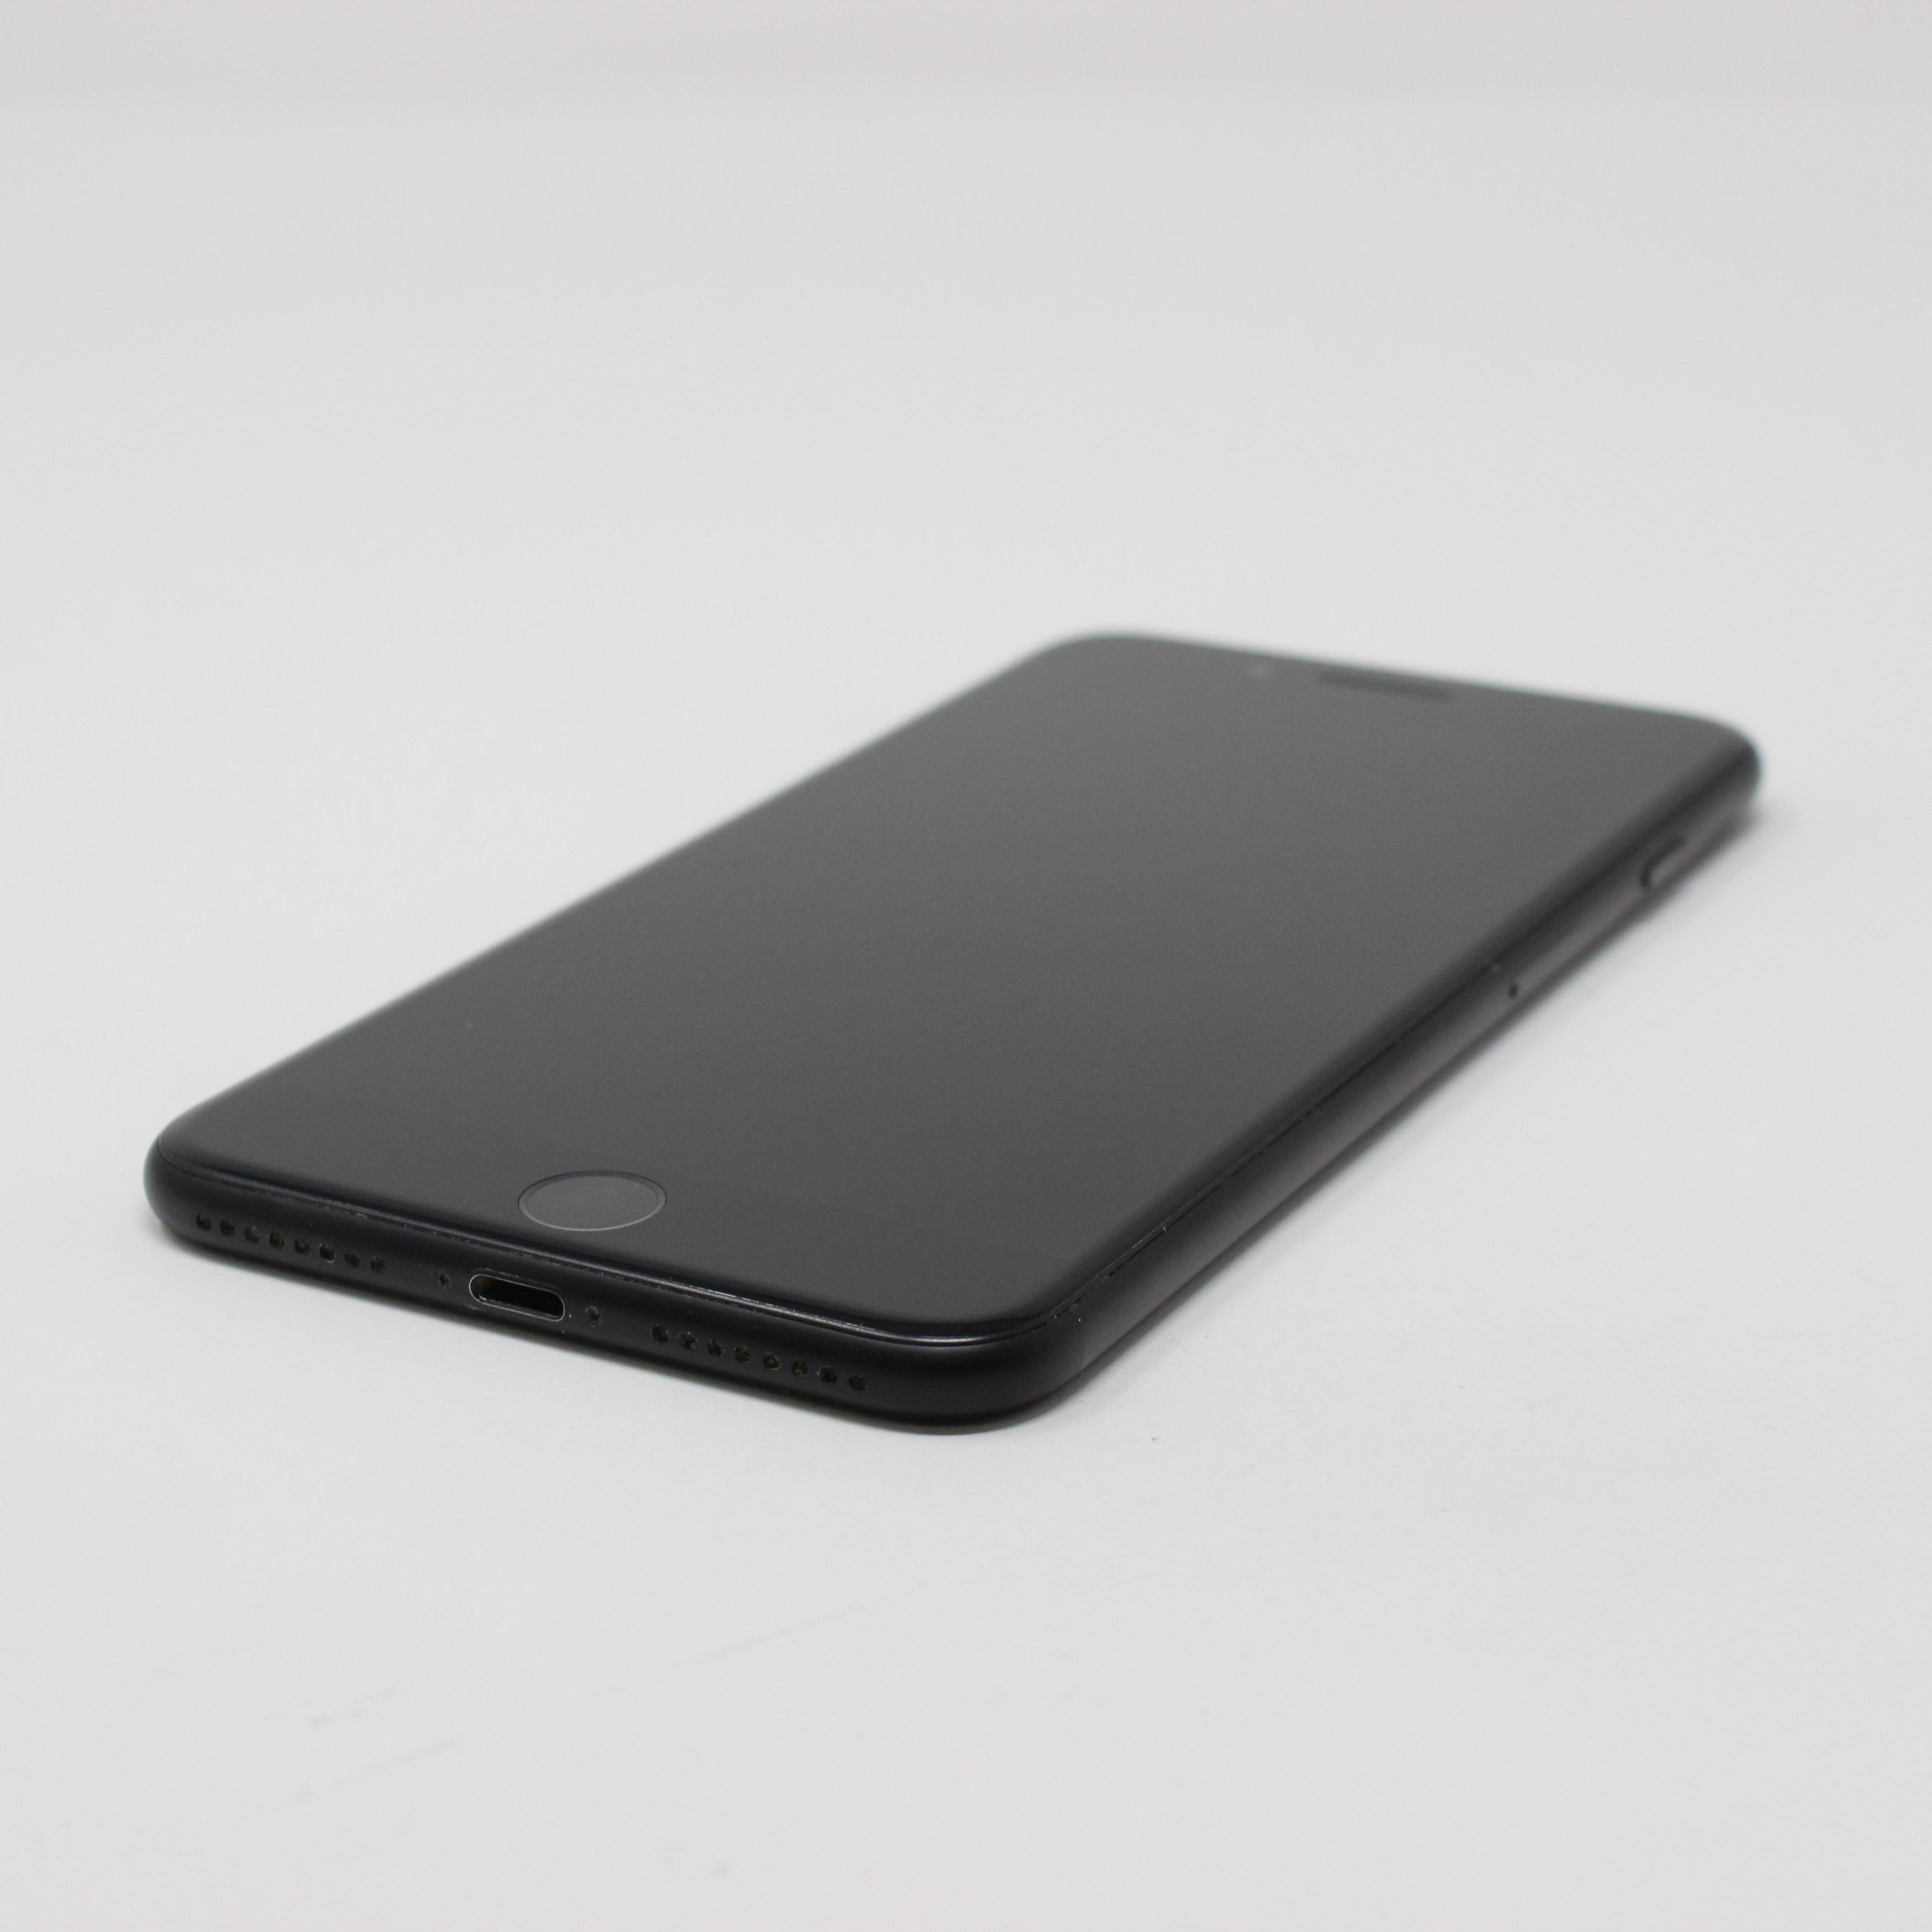 iPhone 7 Plus 128GB Black - Verizon photo 6 | UpTradeit.com